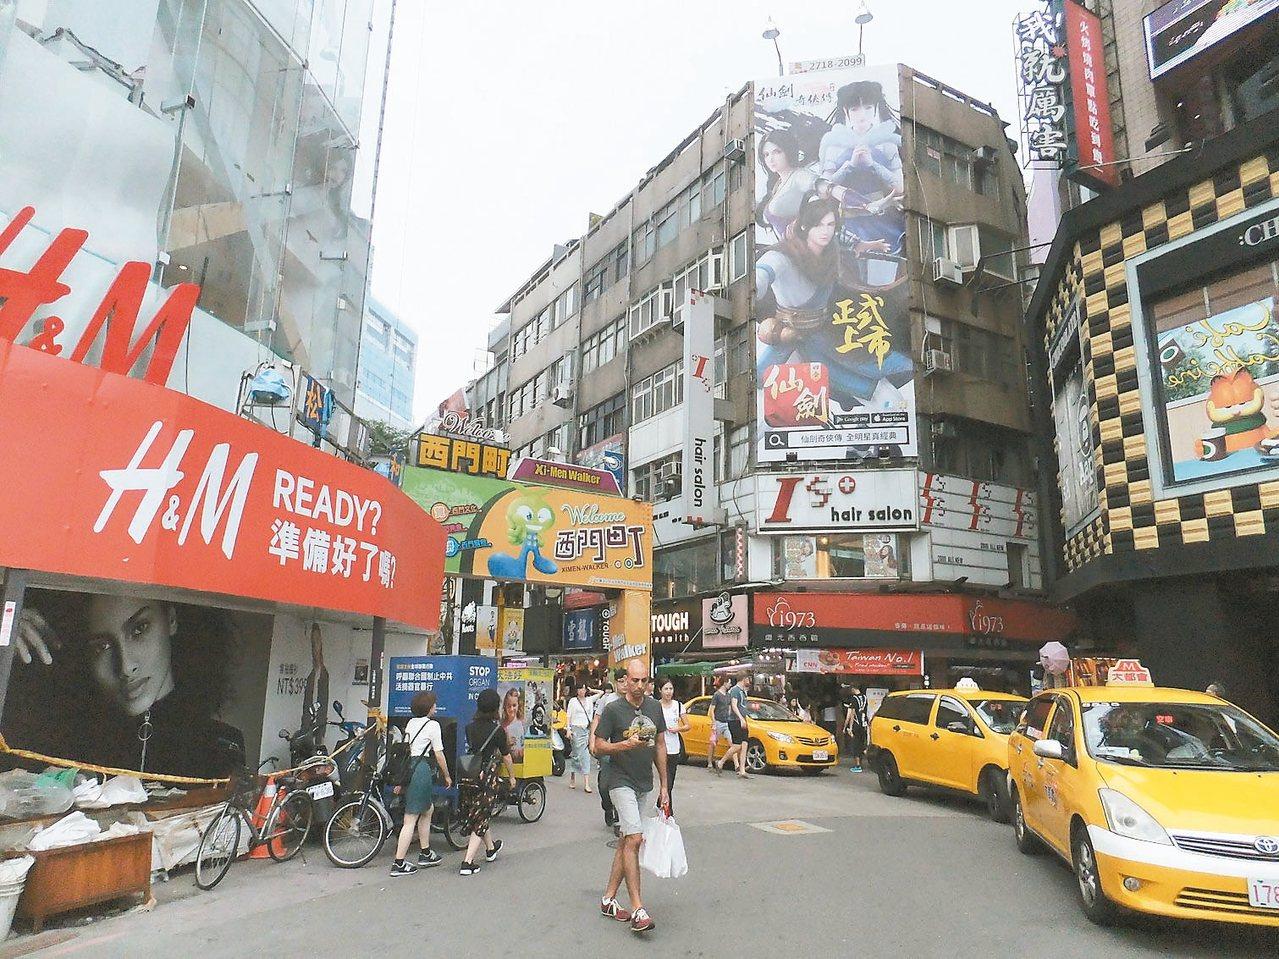 柯市府大力推動西區門戶計畫,預料今年兩大商圈熱度居高不下。 記者游智文/攝影